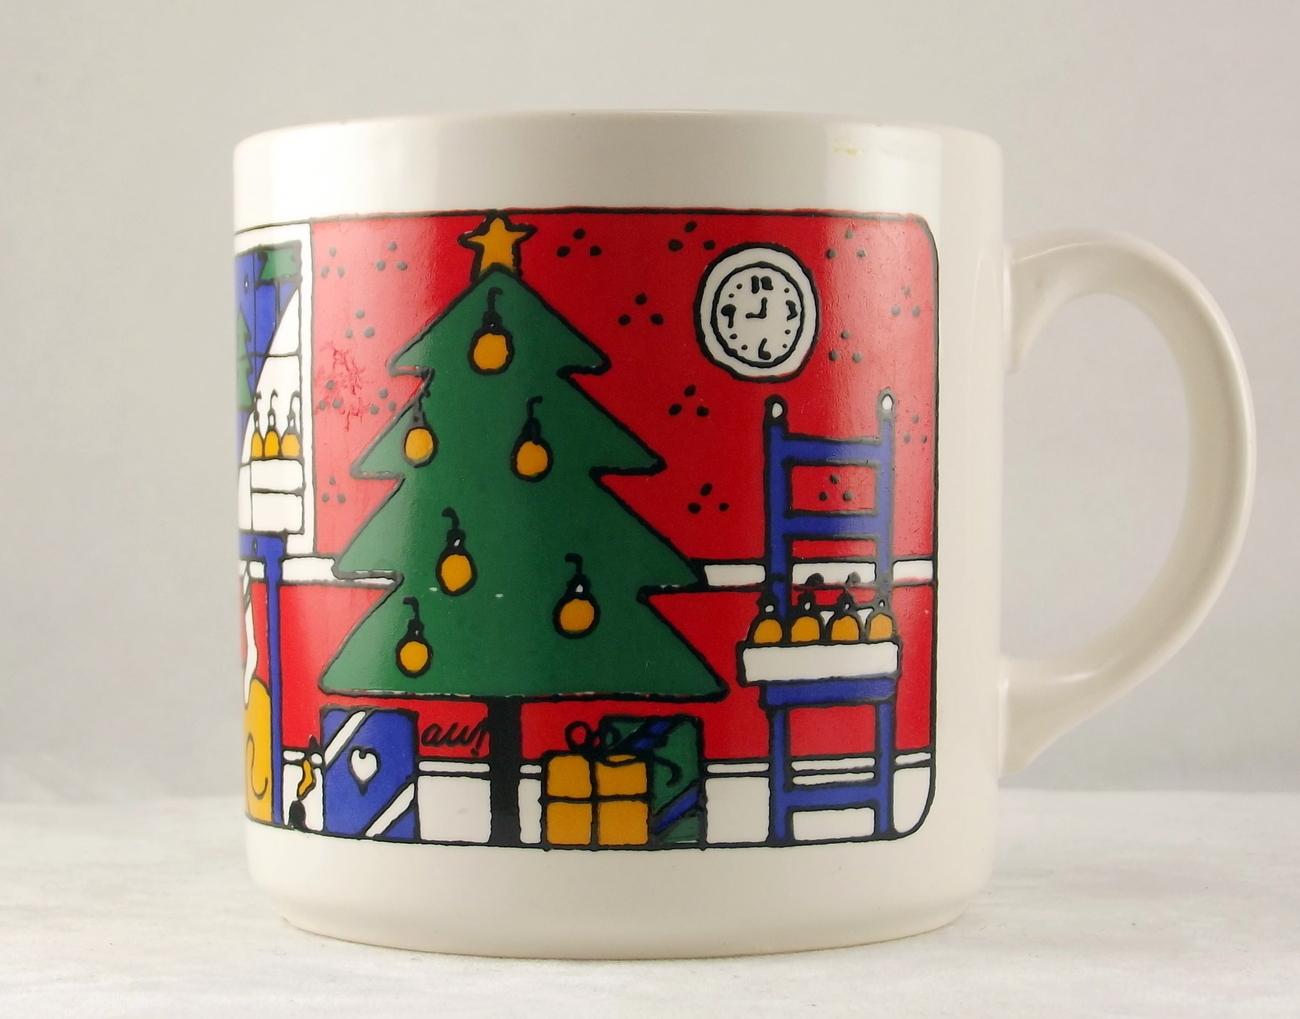 Fpc england christmas mug 1c